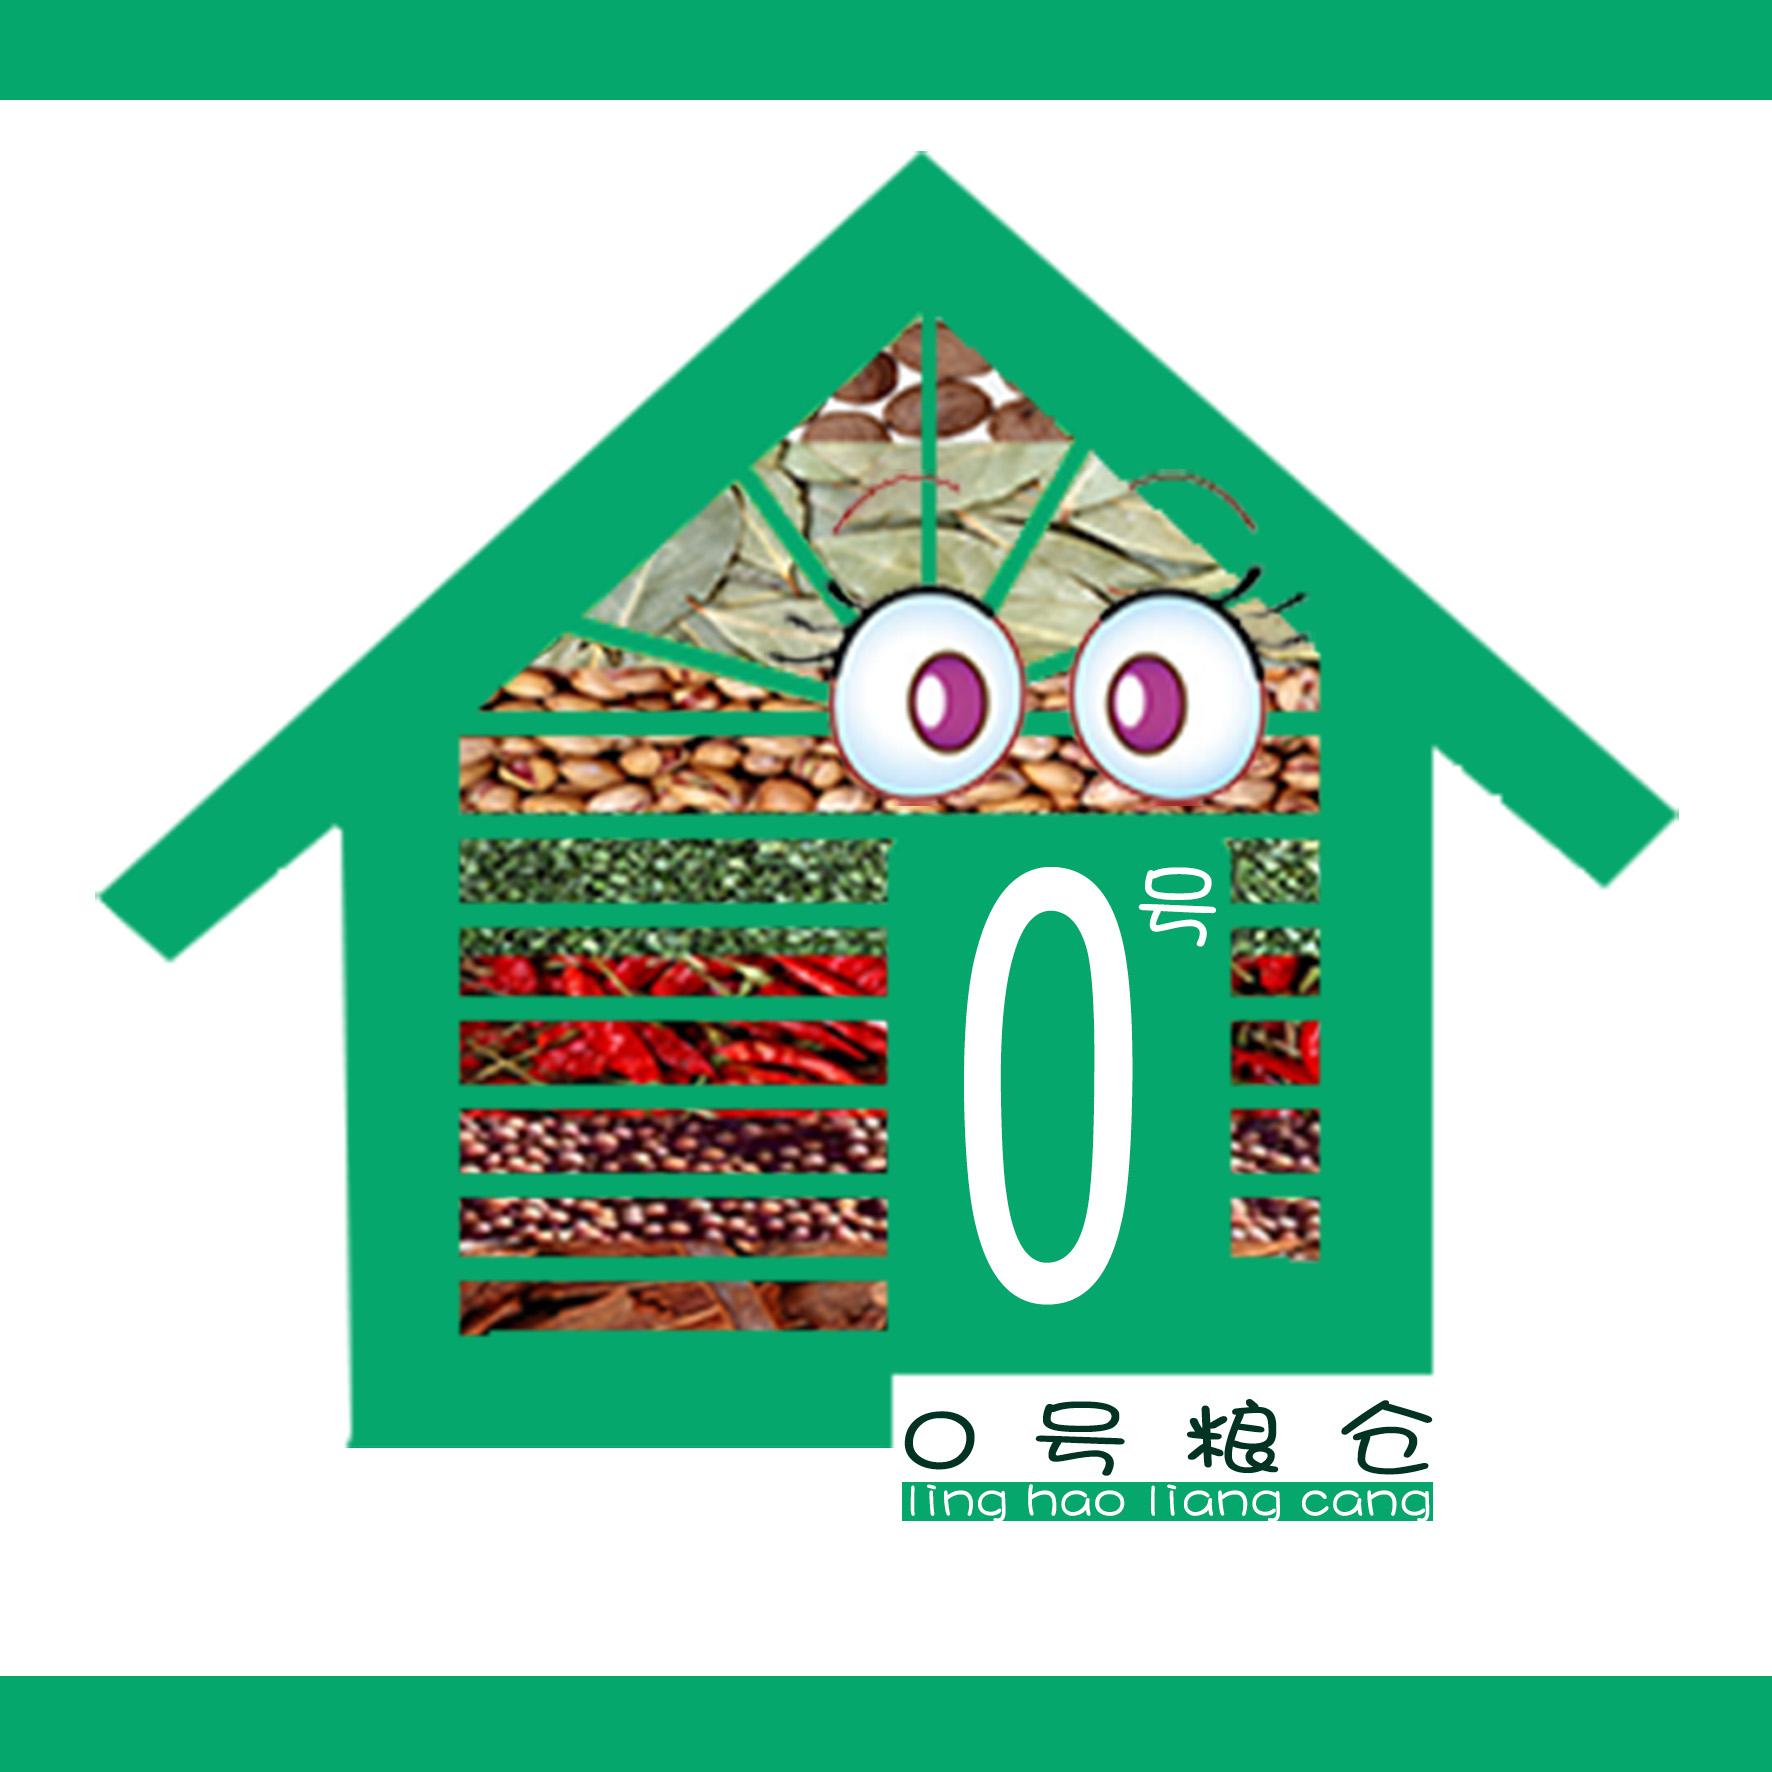 设计主要是以卡通的形式表象,一个绿色的粮仓里盛满了各种五谷杂粮图片